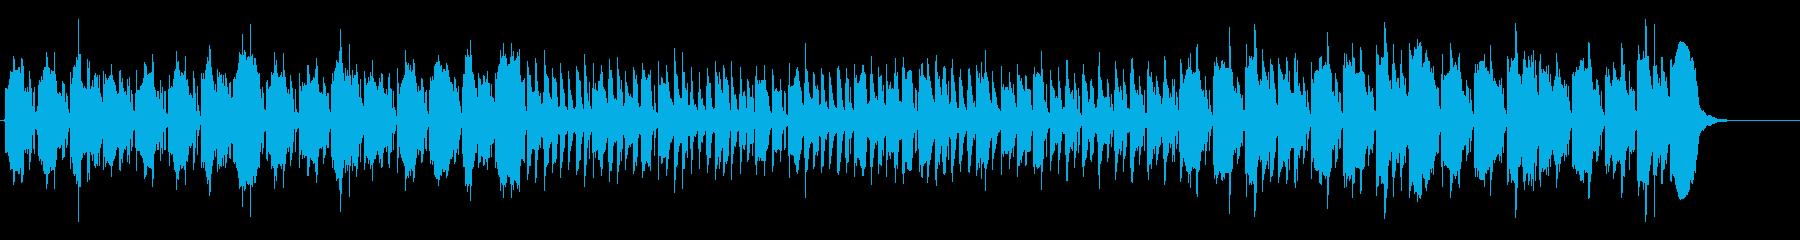 子供の音楽、子供の音楽、新しい音楽...の再生済みの波形